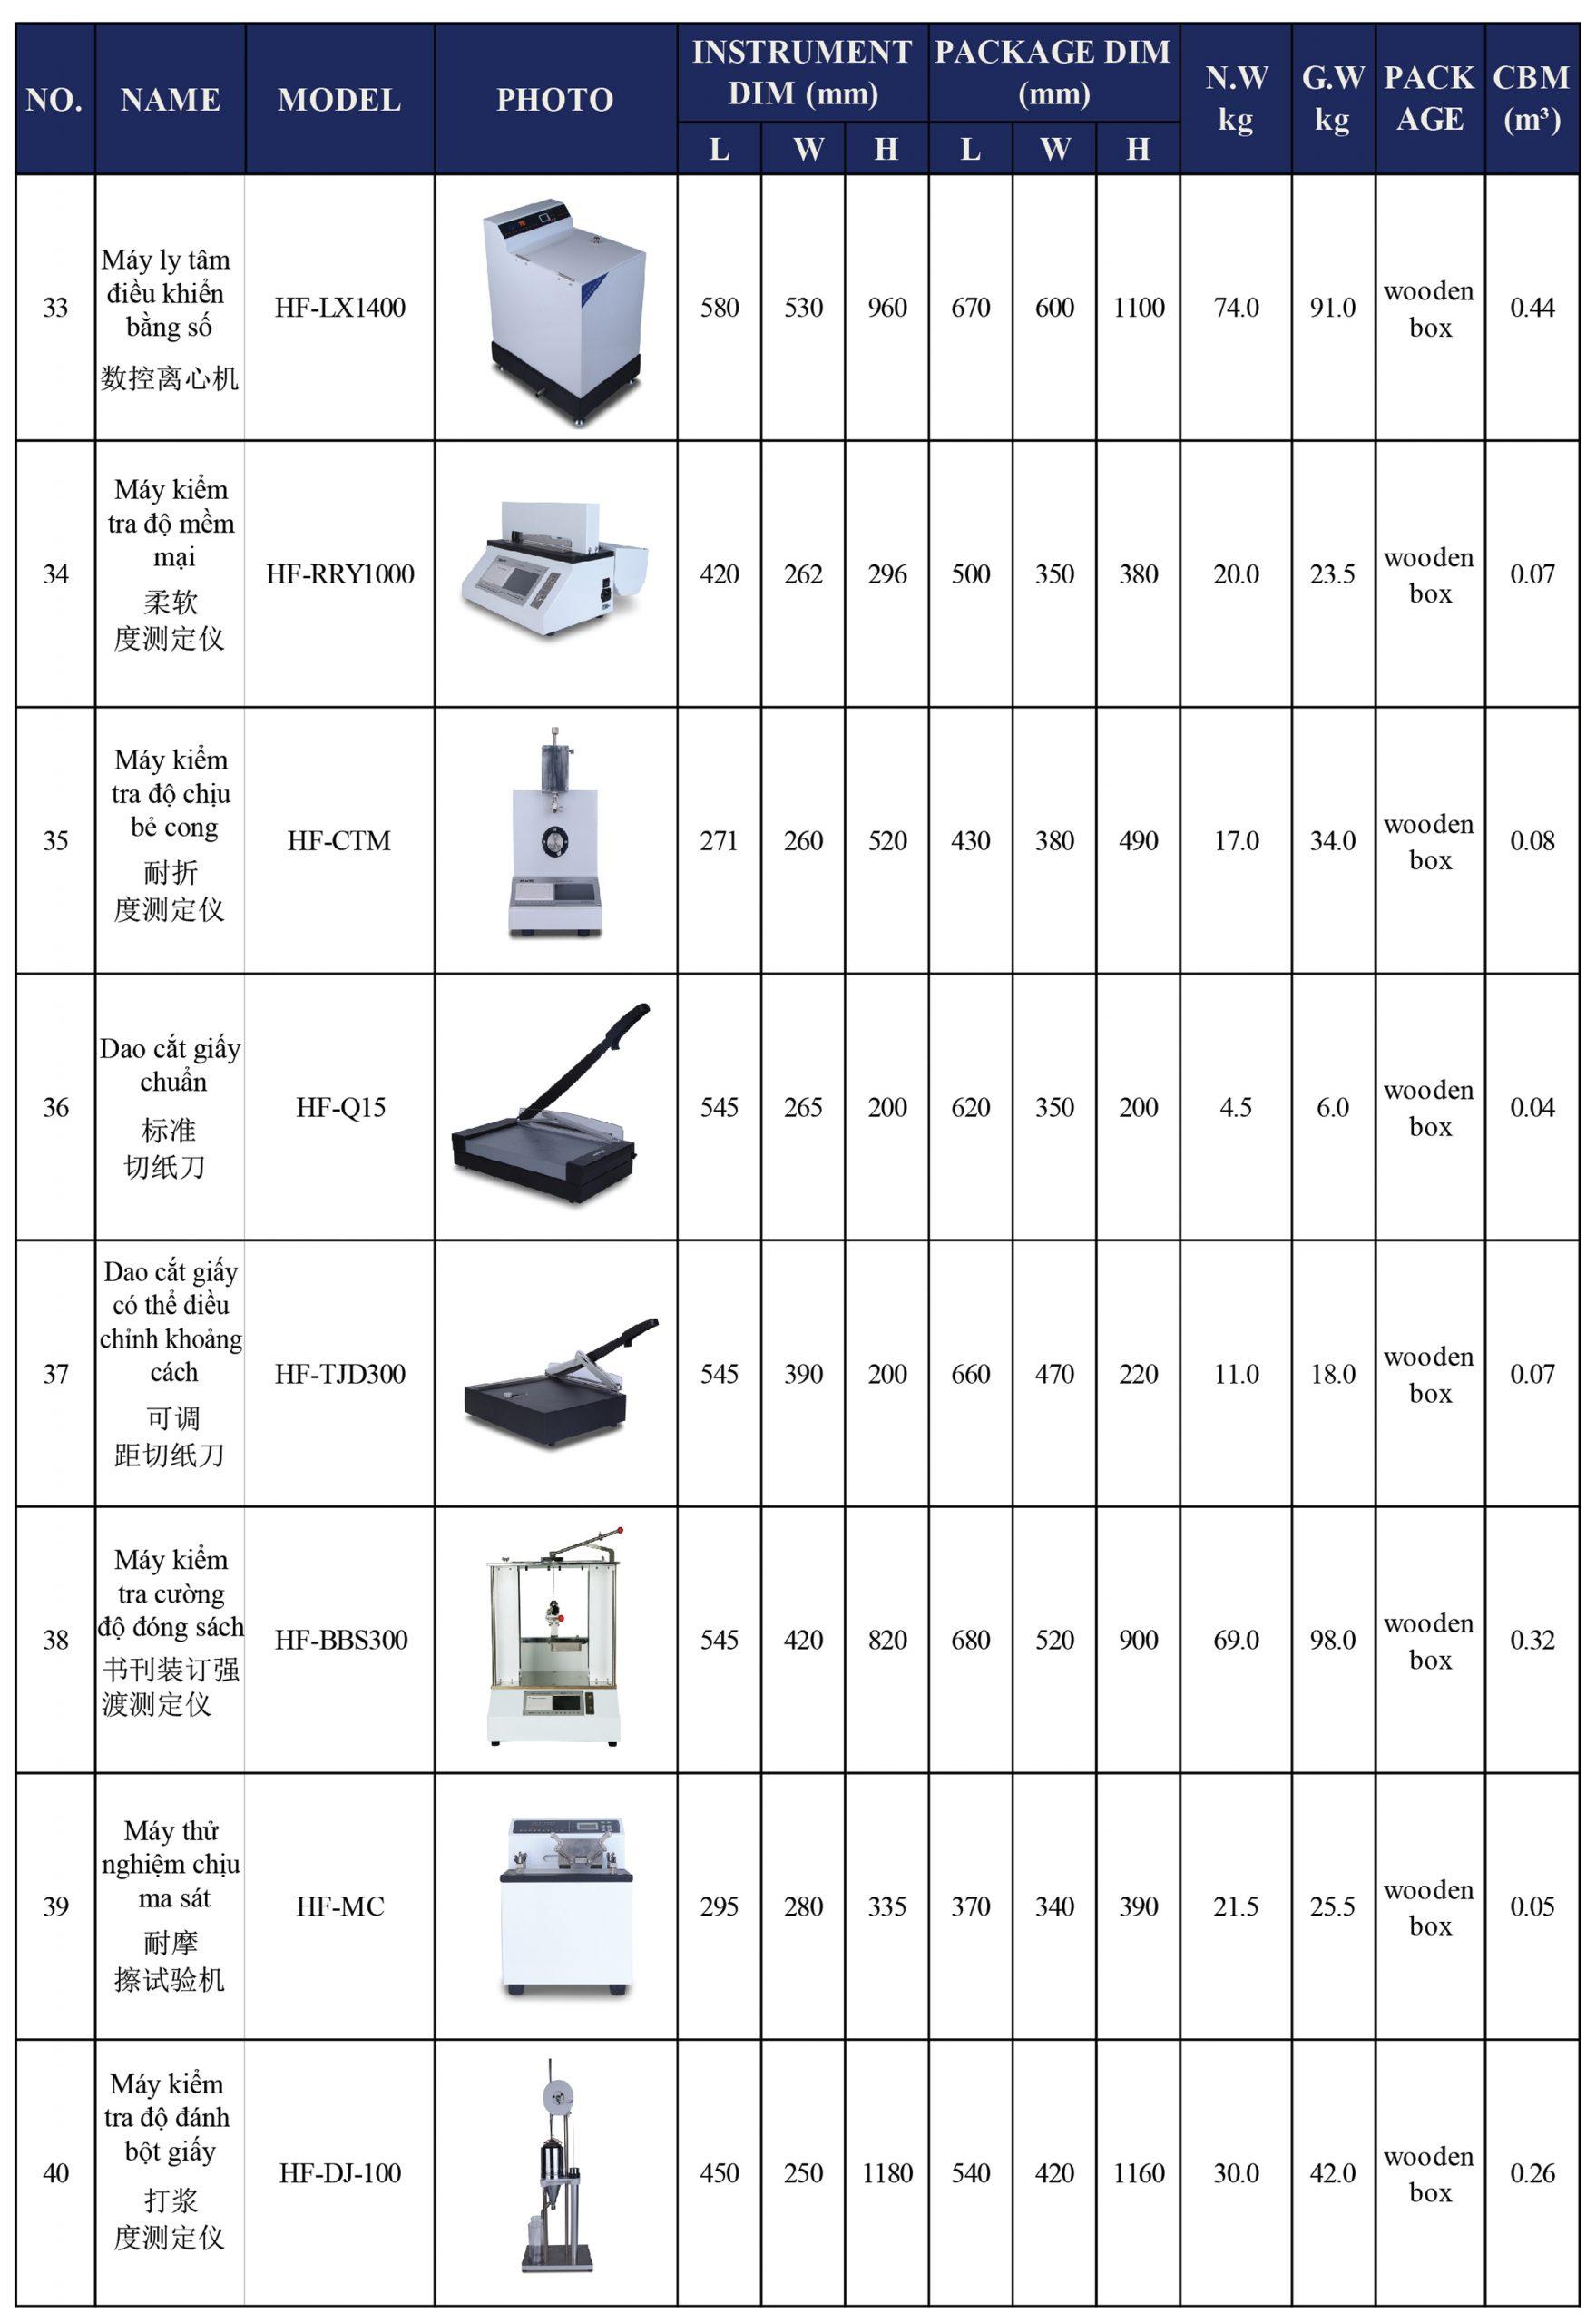 Hung Phat Cataloge Trang Trong 9